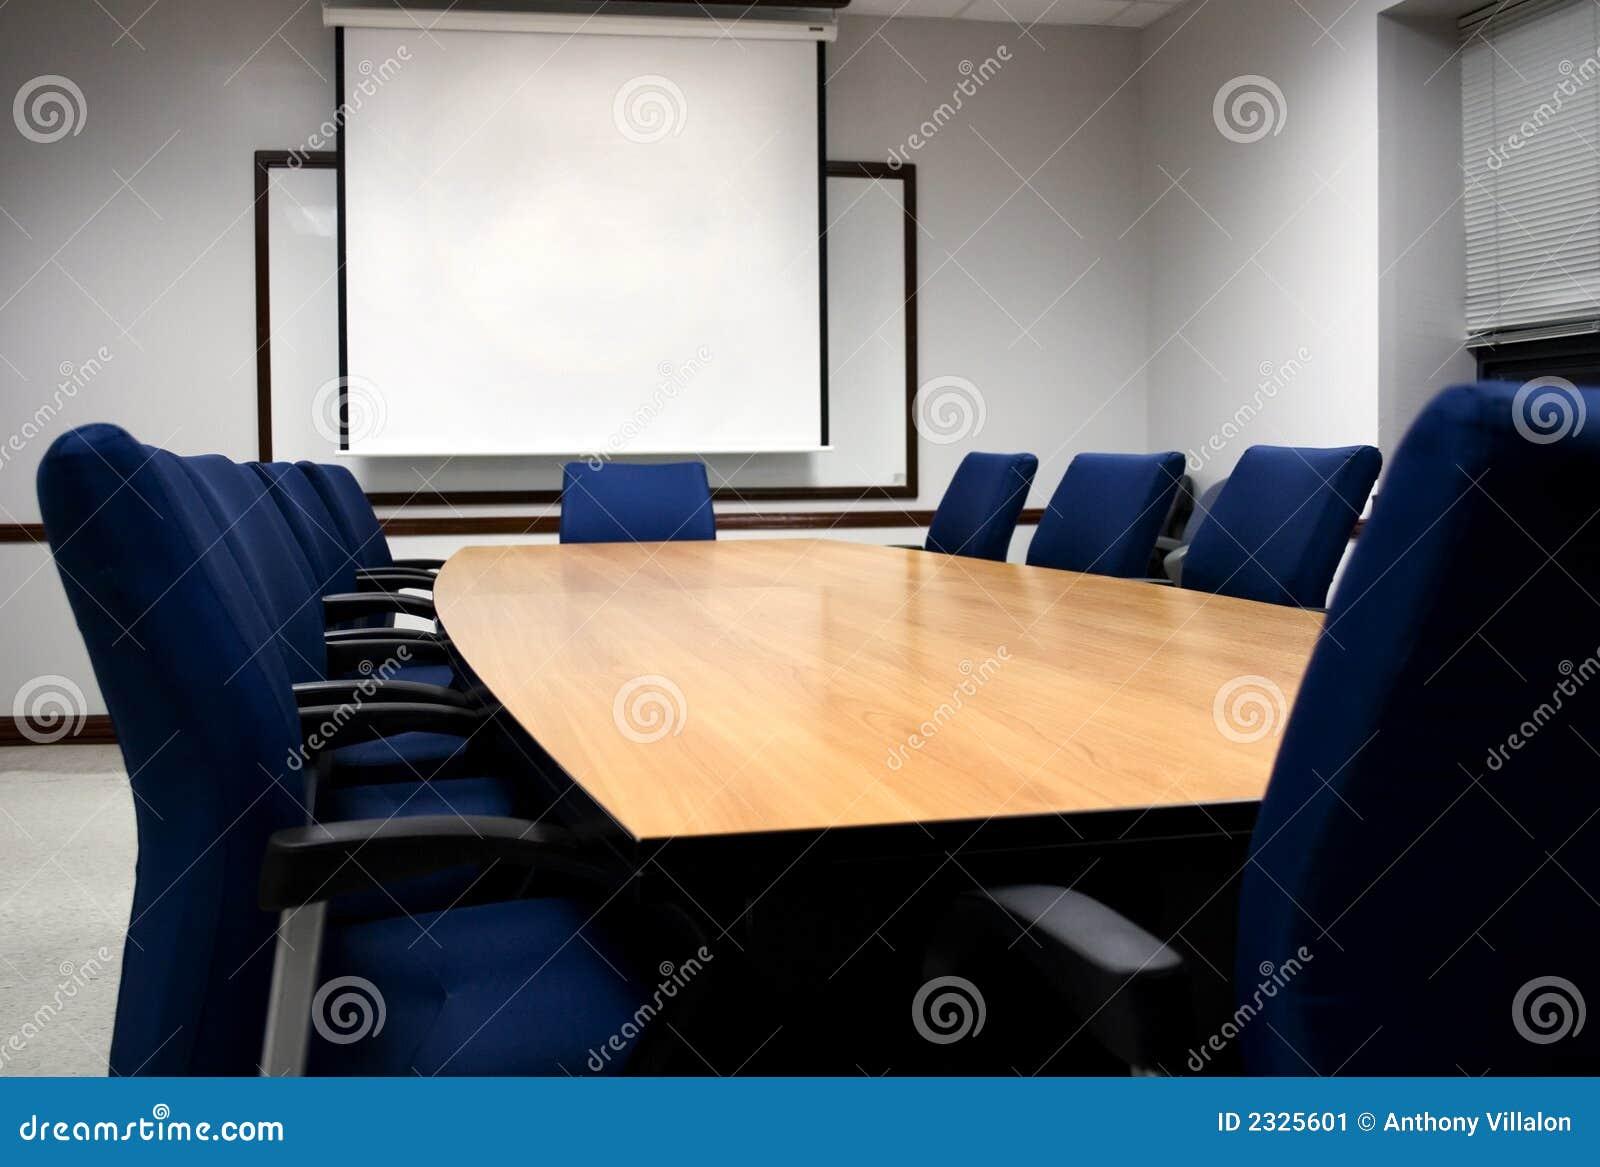 Presentación de la sala de reunión